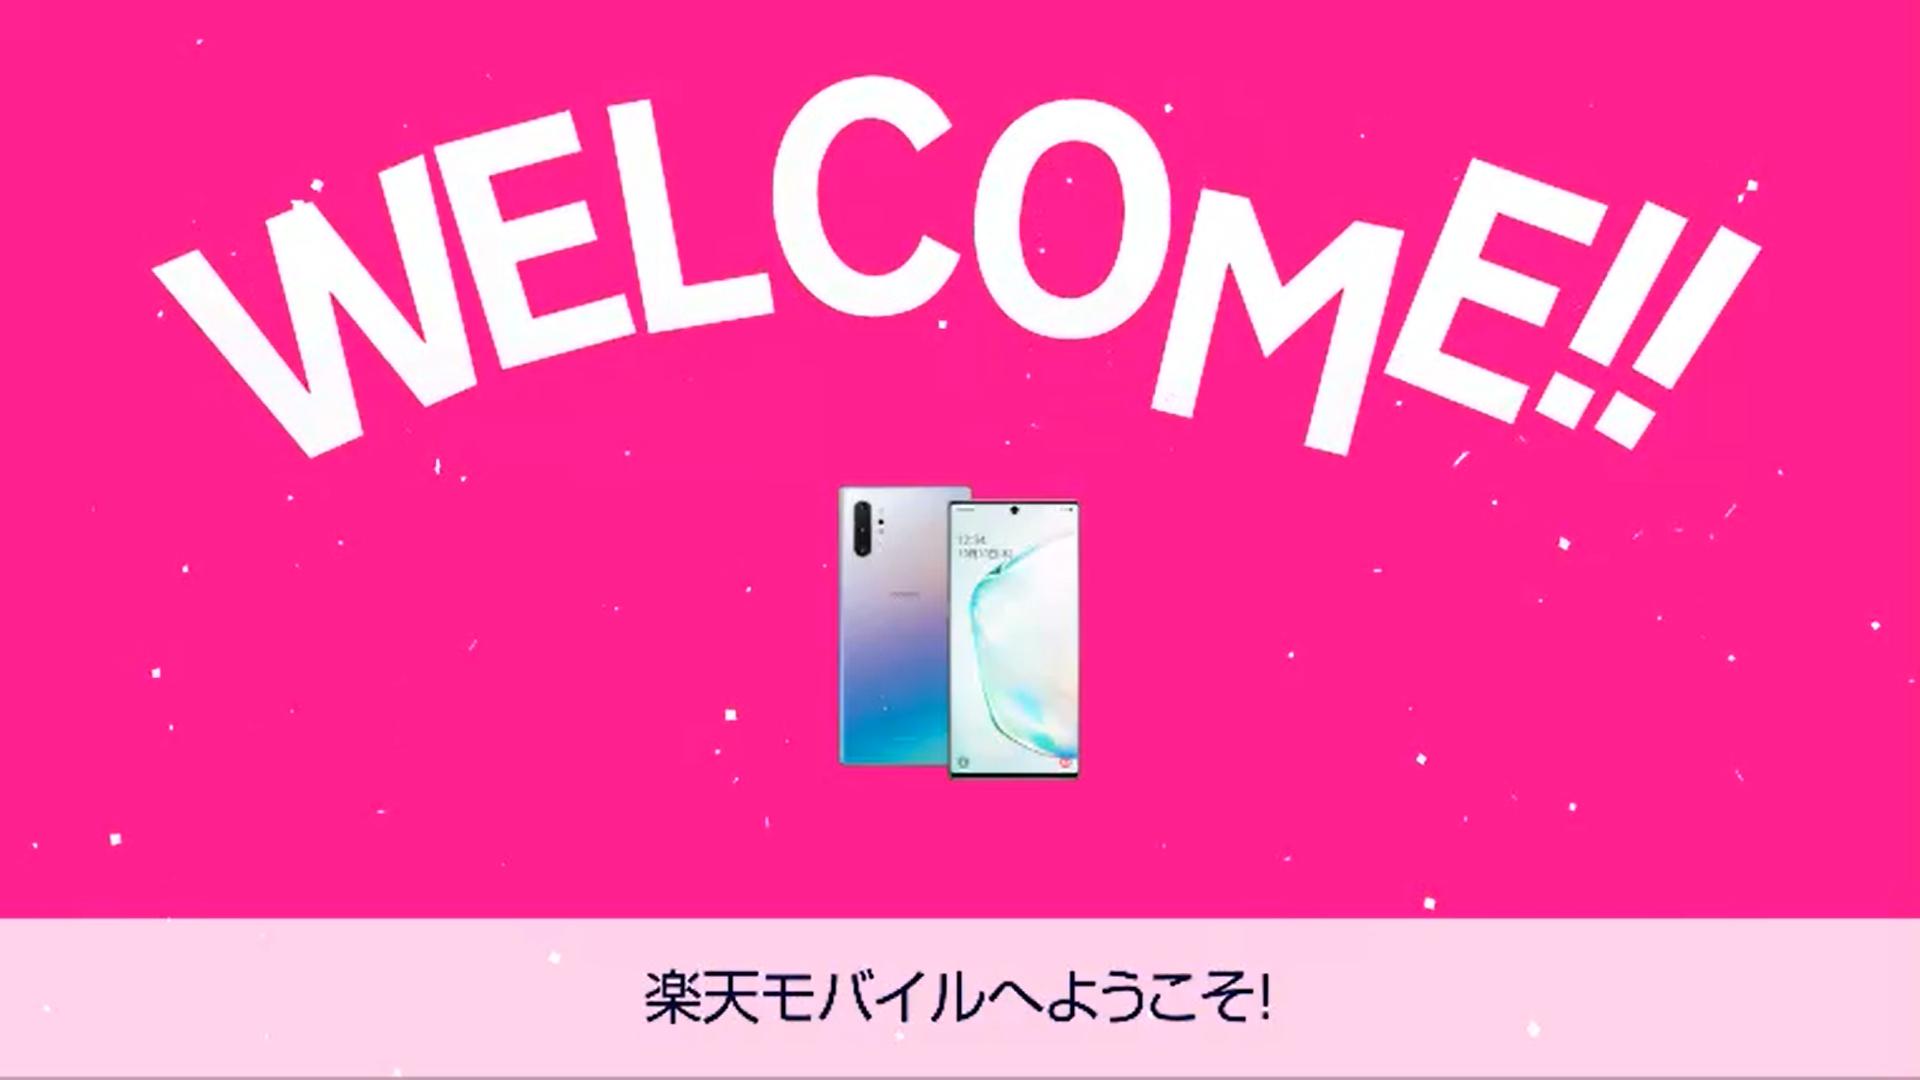 楽天モバイル契約しました!機種は『Galaxy note10+』